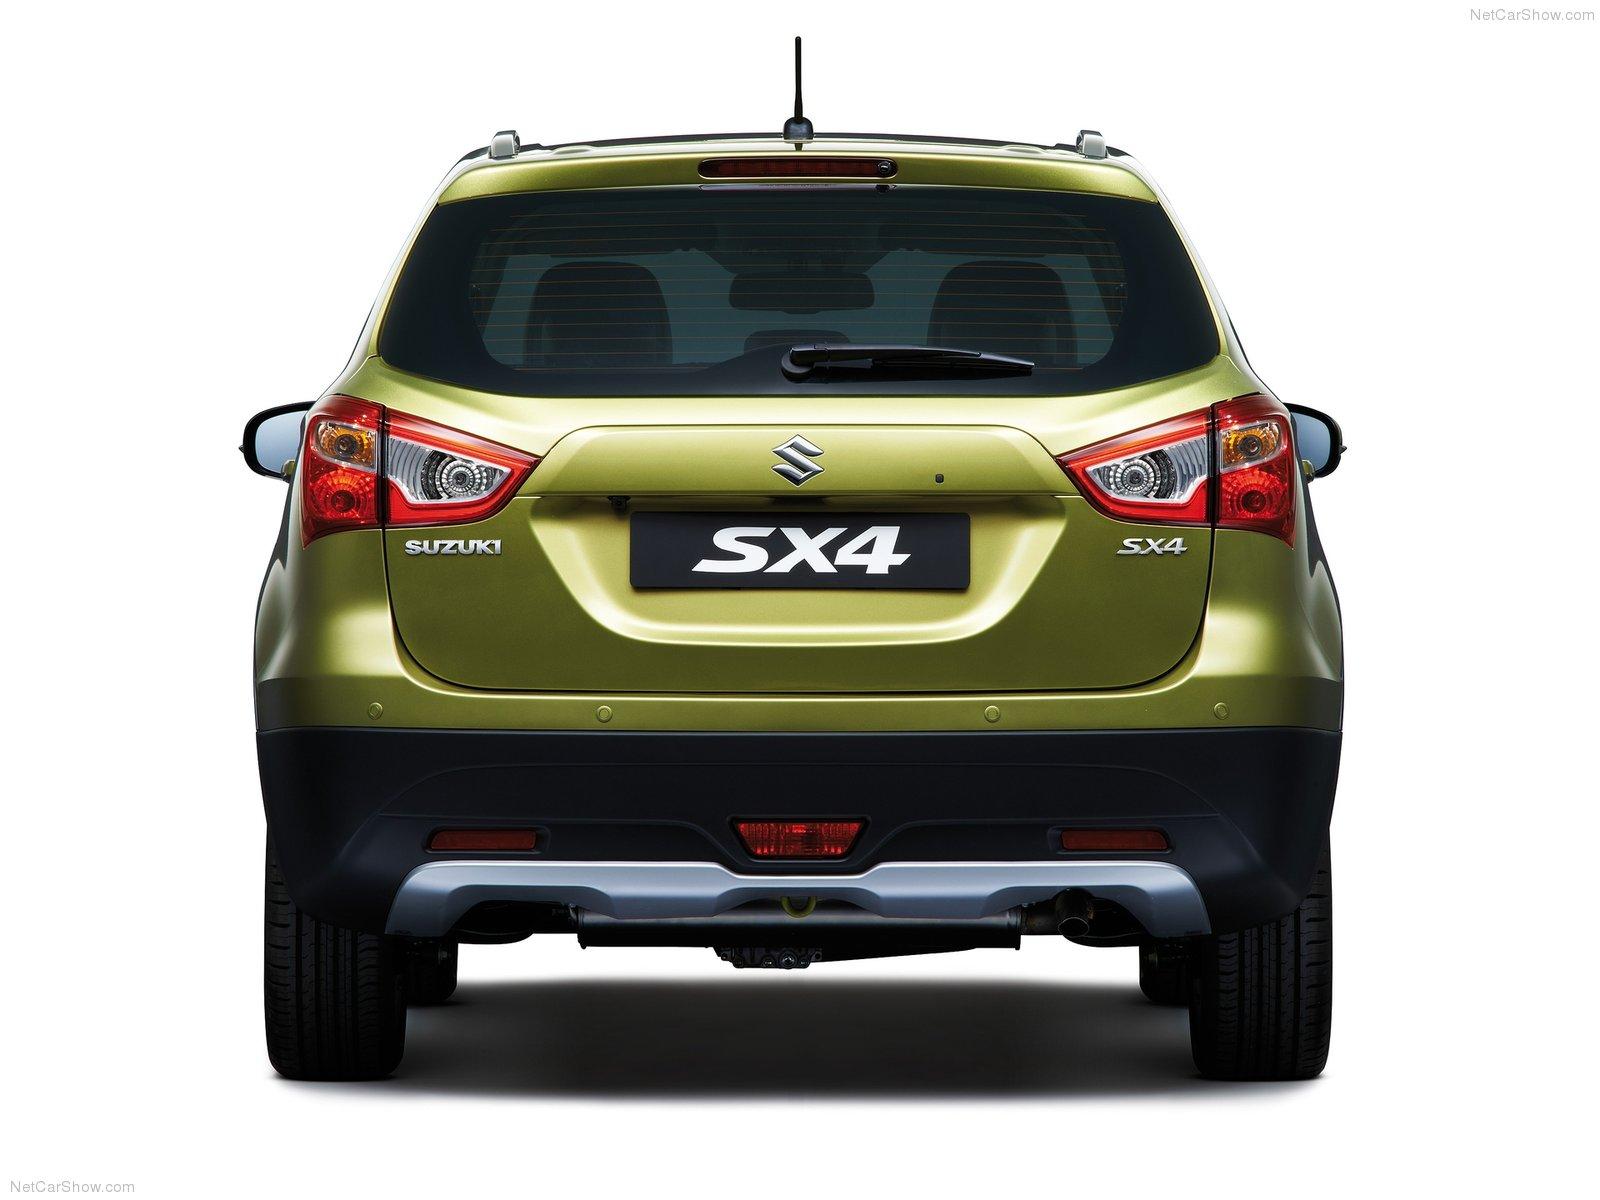 Hình ảnh xe ô tô Suzuki SX4 2014 & nội ngoại thất